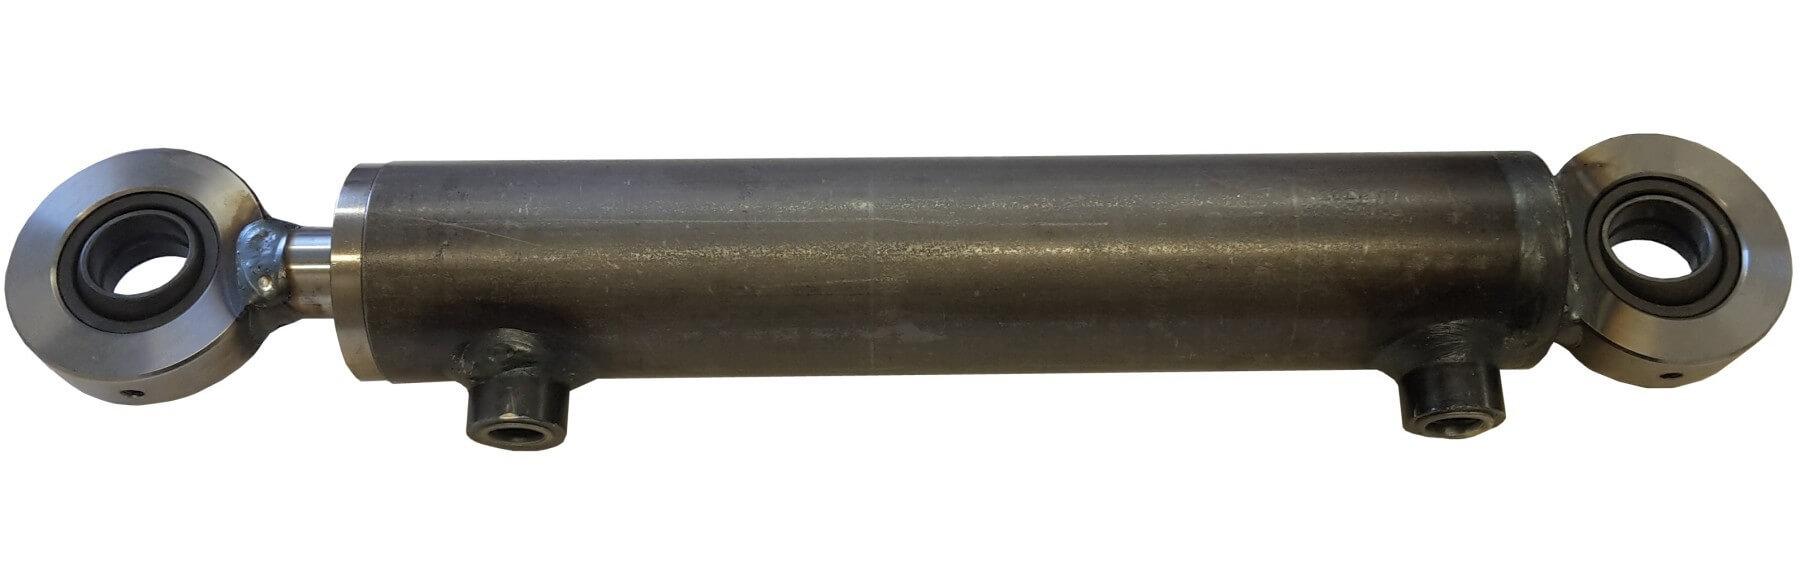 Hydraulisylinteri CL 50. 30. 300 GE - Kailatec Oy Verkkokauppa